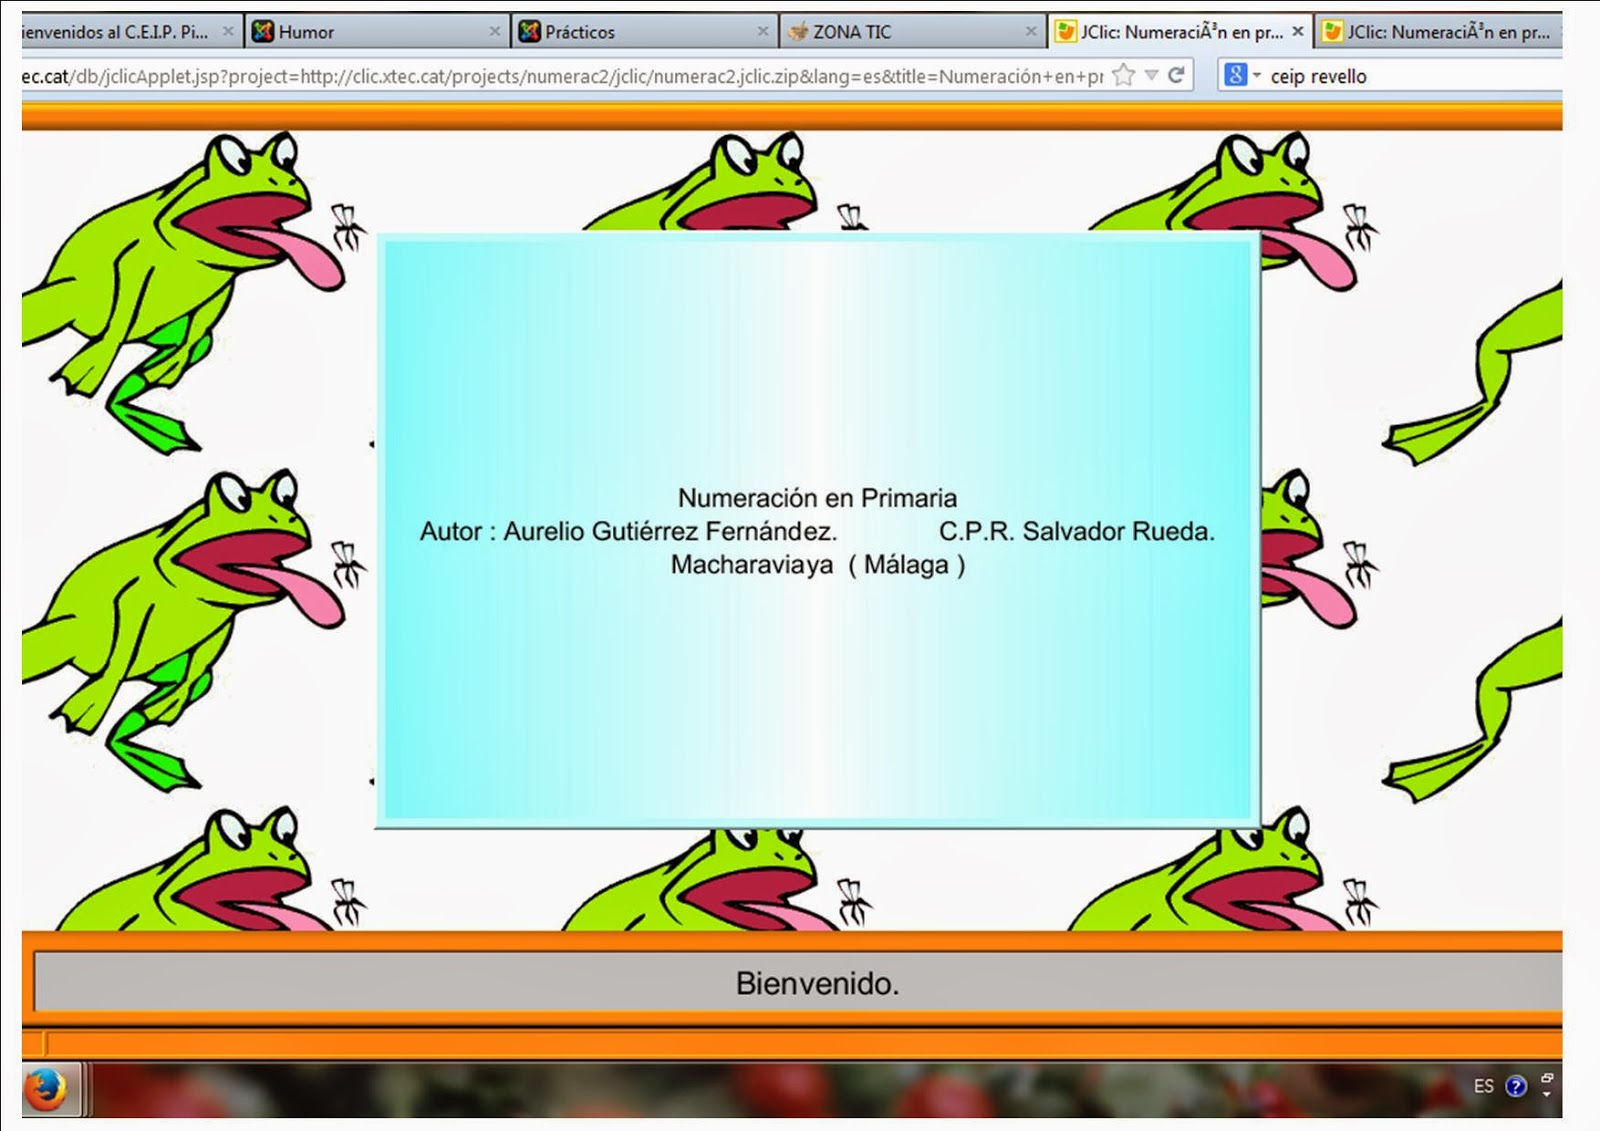 http://clic.xtec.cat/db/jclicApplet.jsp?project=http://clic.xtec.cat/projects/numerac2/jclic/numerac2.jclic.zip&lang=es&title=Numeraci%C3%B3n+en+primaria